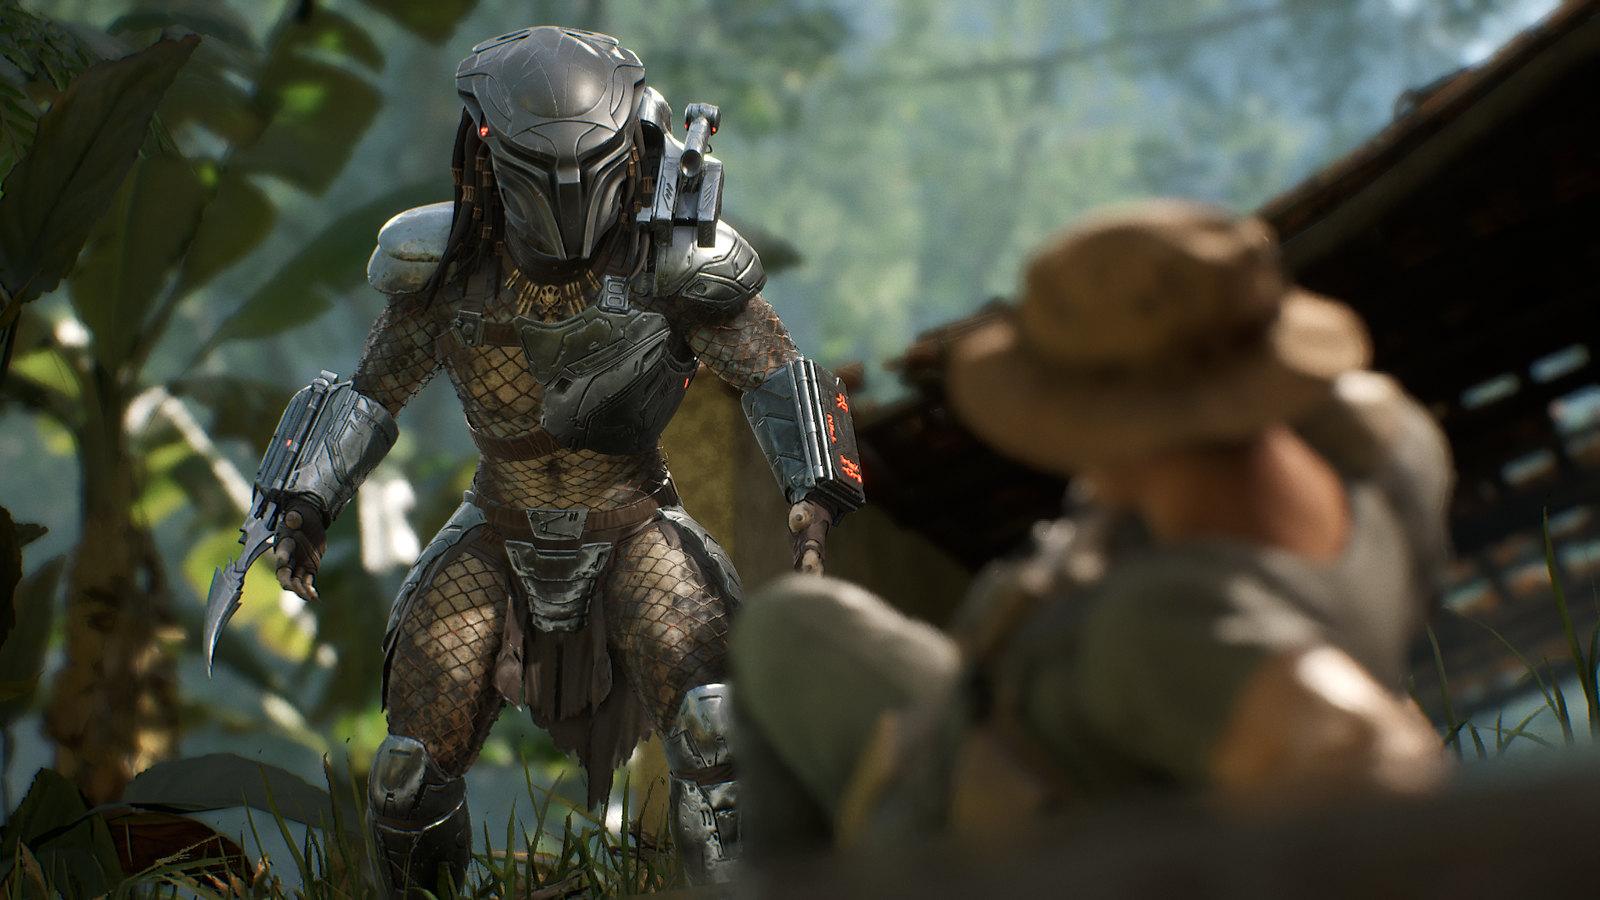 《铁血战士:狩猎场》新预告发布 铁血战士真强悍